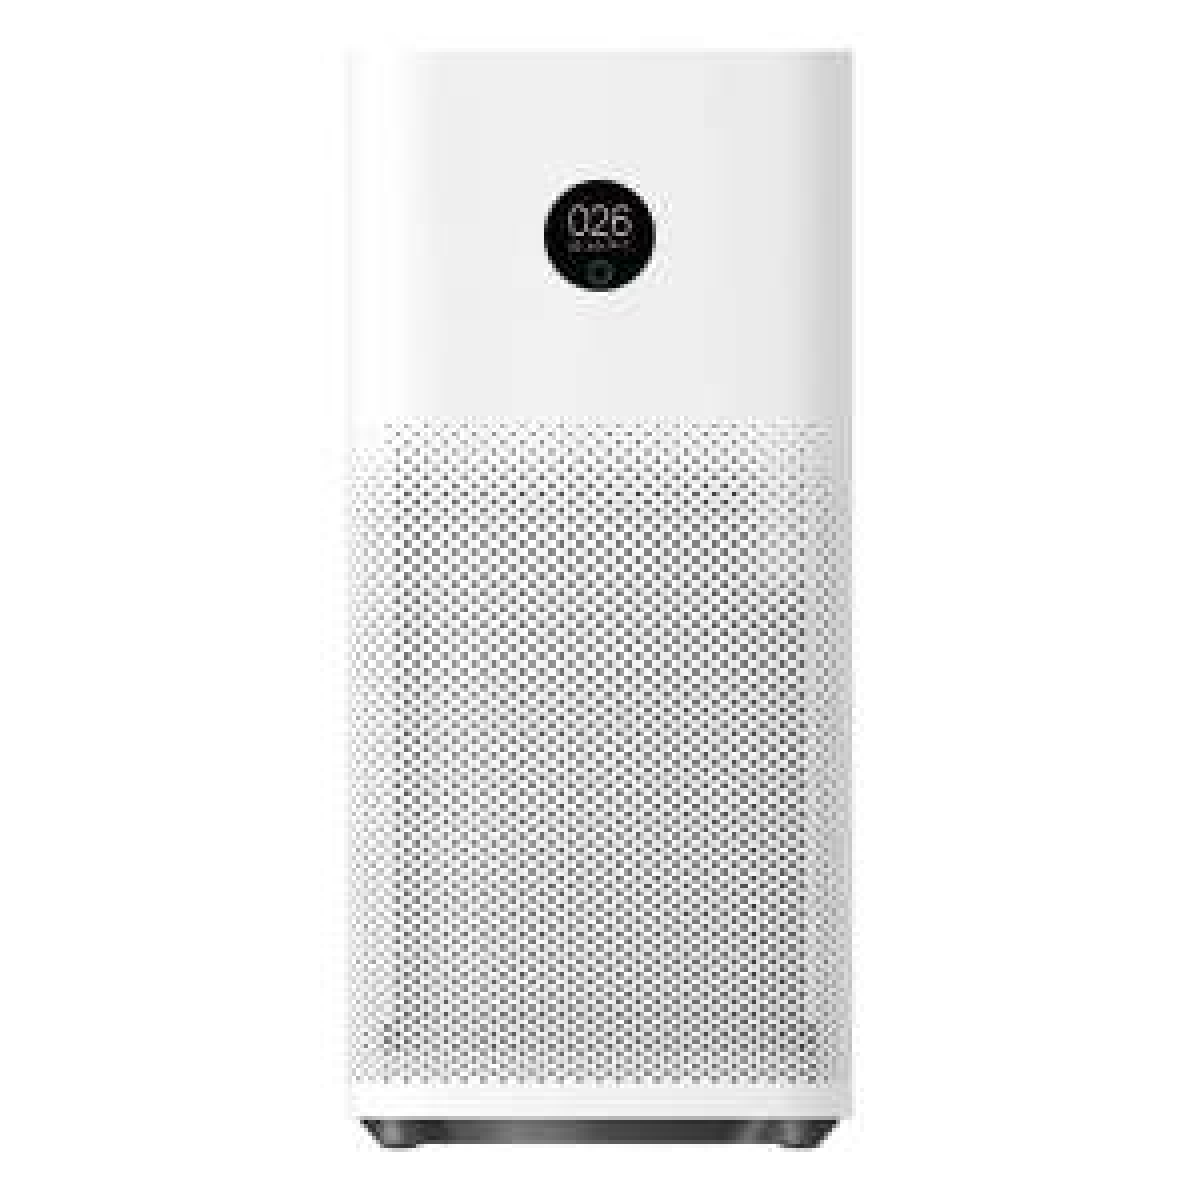 Xiaomi Air Purifier 3H: Luftreiniger (Dreifaches Filtersystem, OLED Display, 45m² Abdeckung, App- und Sprachsteuerung)